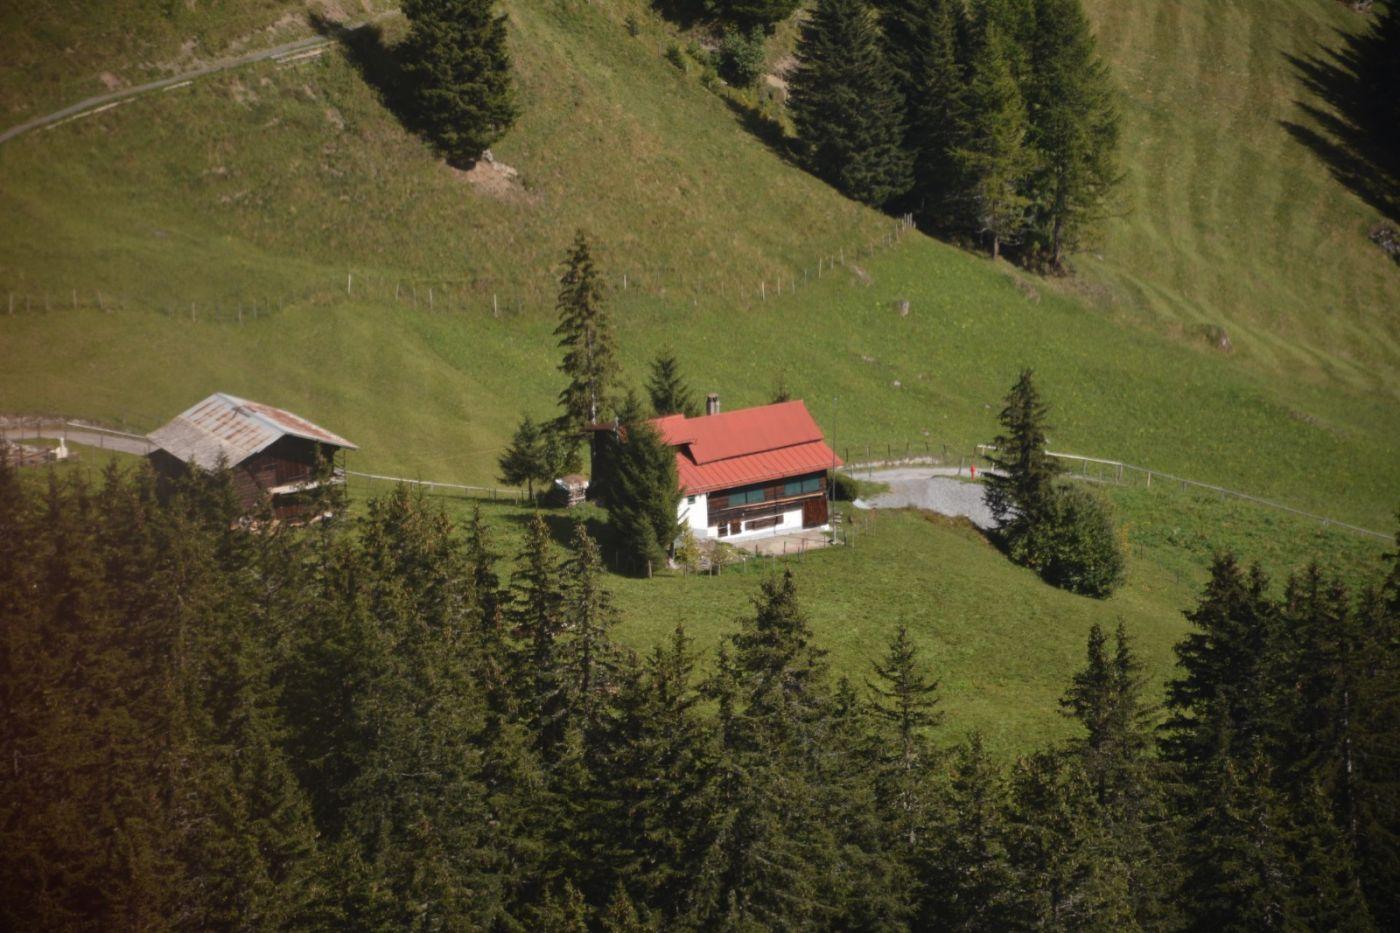 登上阿尔卑斯山遥望少女、勃朗峰_图1-25